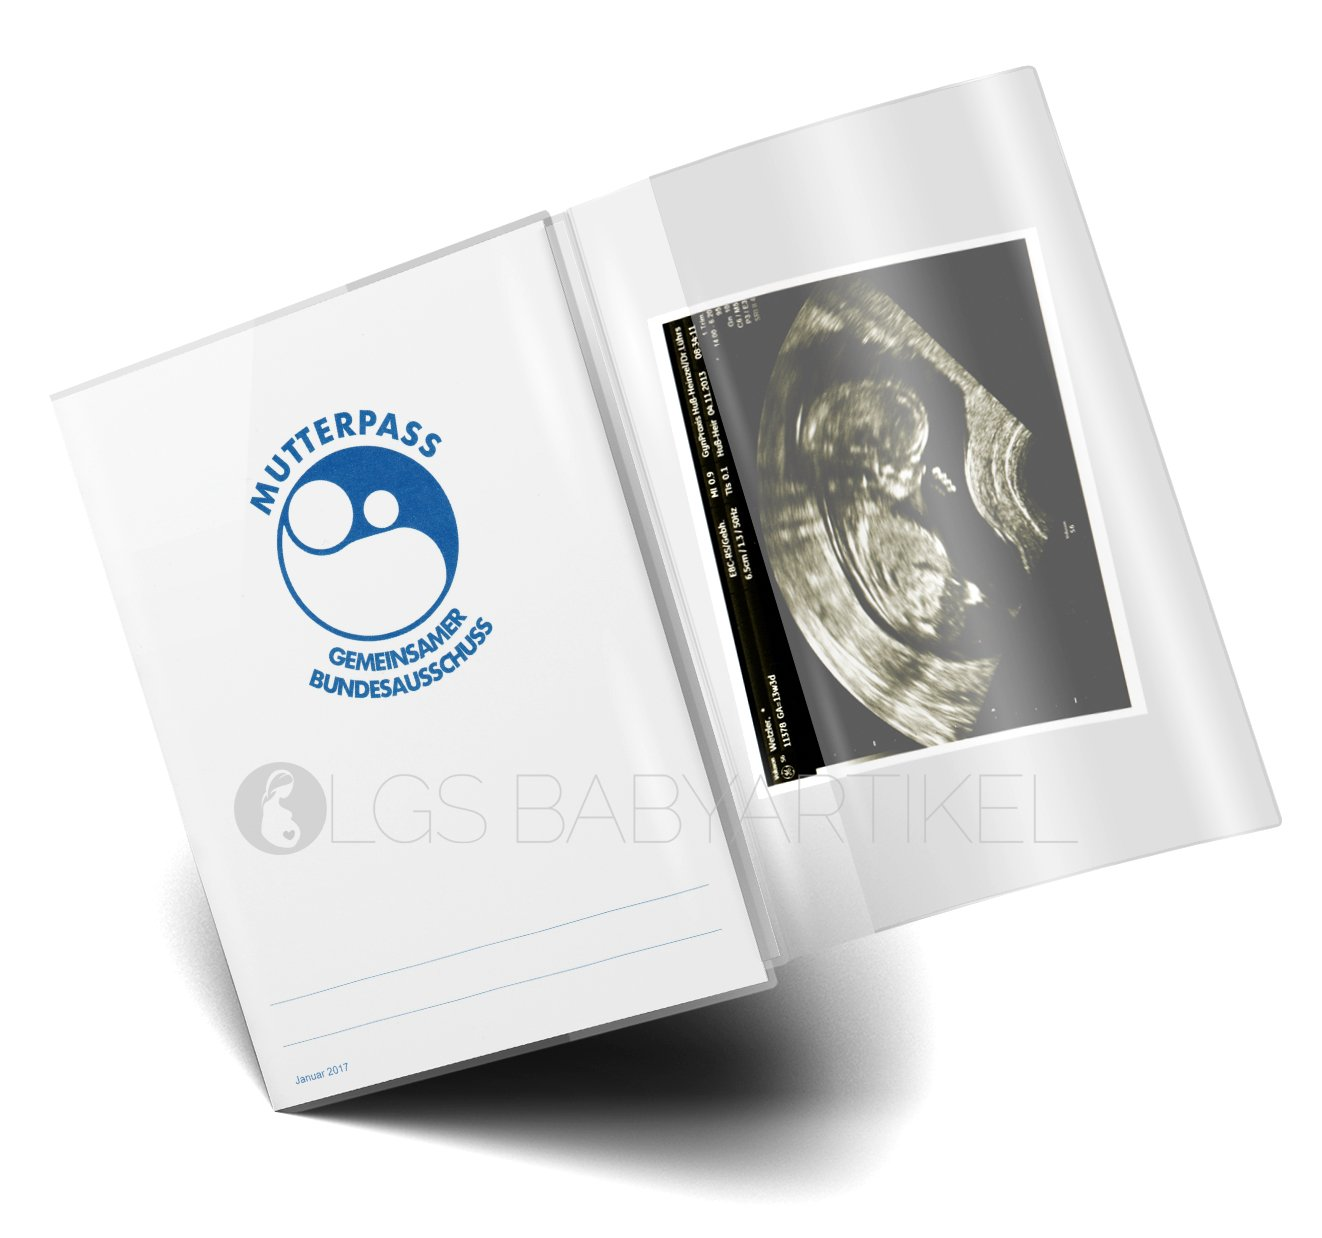 1 St/ück Mutterpassh/ülle 3-teilig transparent Mutterpass Schutzh/ülle Blanco